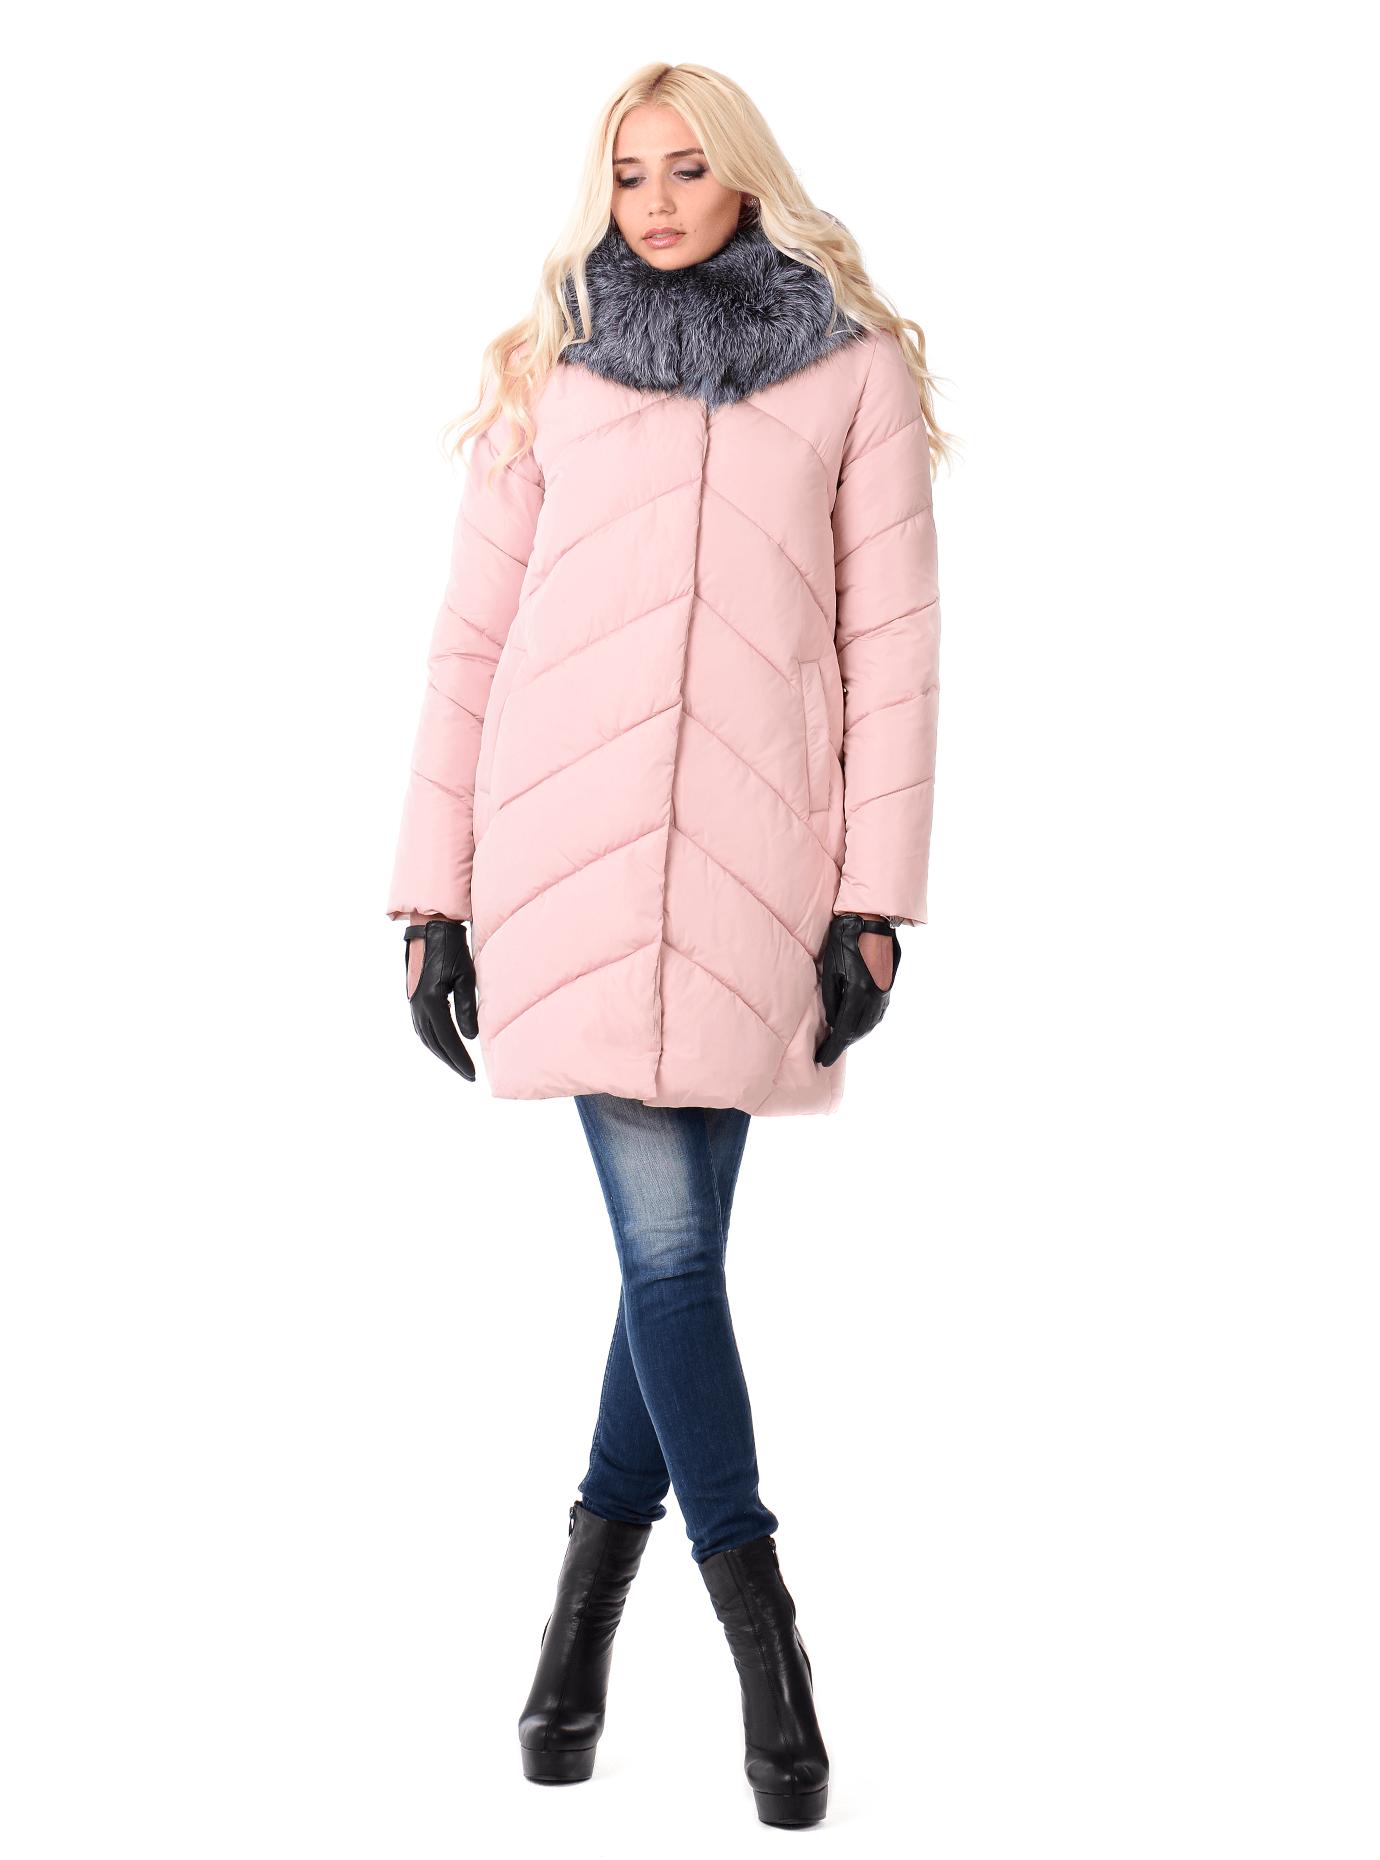 Зимняя куртка женская с мехом чернобурки Пудра XL (05-CH19057): фото - Alster.ua